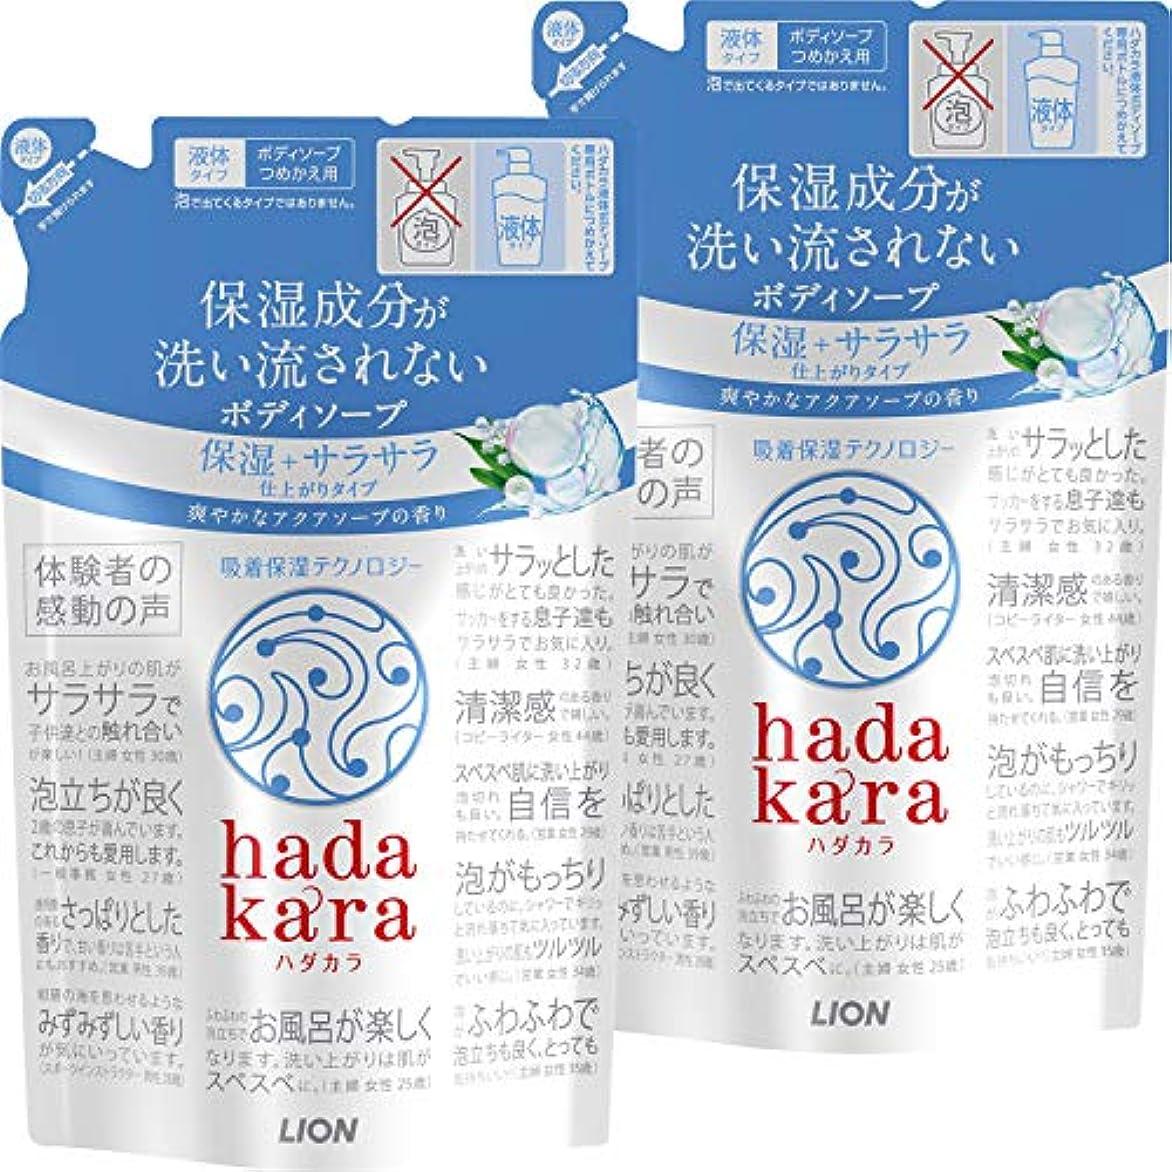 精神医学ベッツィトロットウッド刃hadakara(ハダカラ)ボディソープ 保湿+サラサラ仕上がりタイプ アクアソープの香り つめかえ用 340ml×2個パック